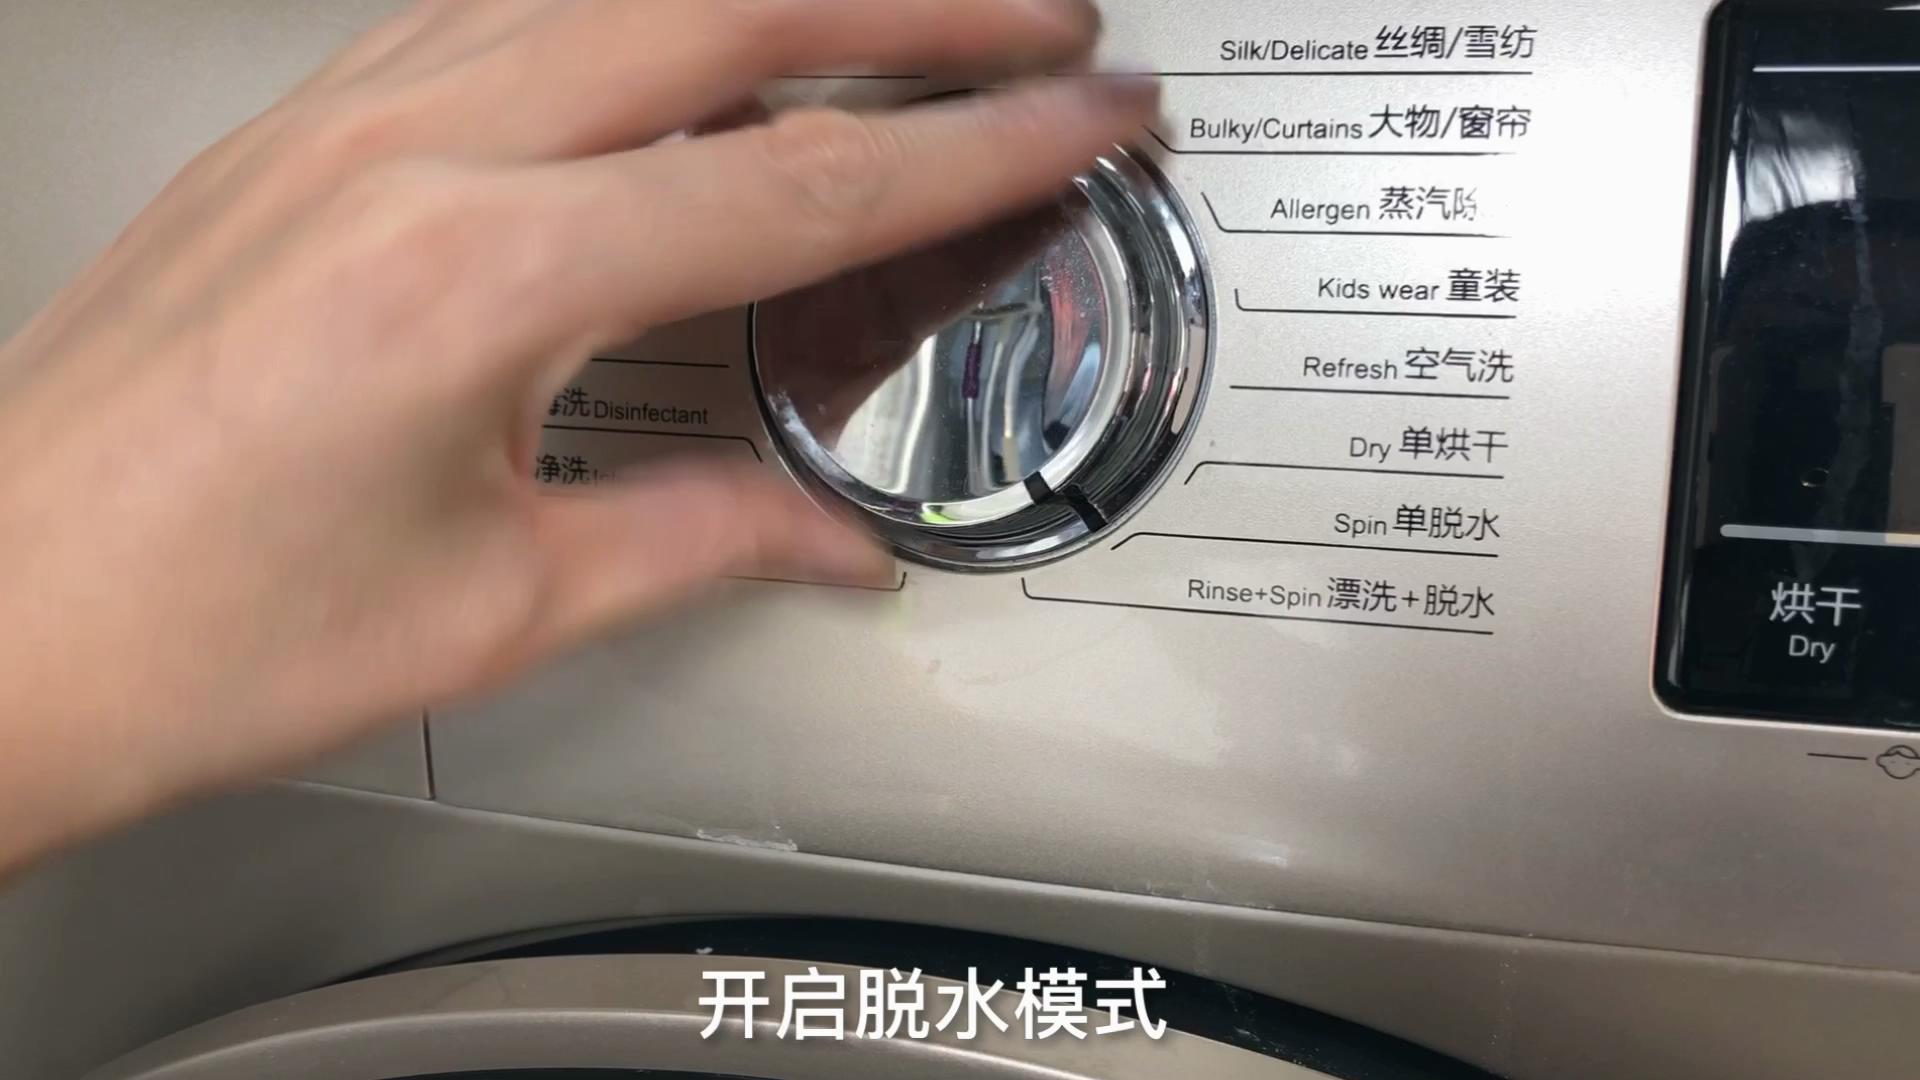 洗衣机3个月不清洁,衣服越洗越脏,一碗水彻底清洁洗衣机 家务 卫生 第4张